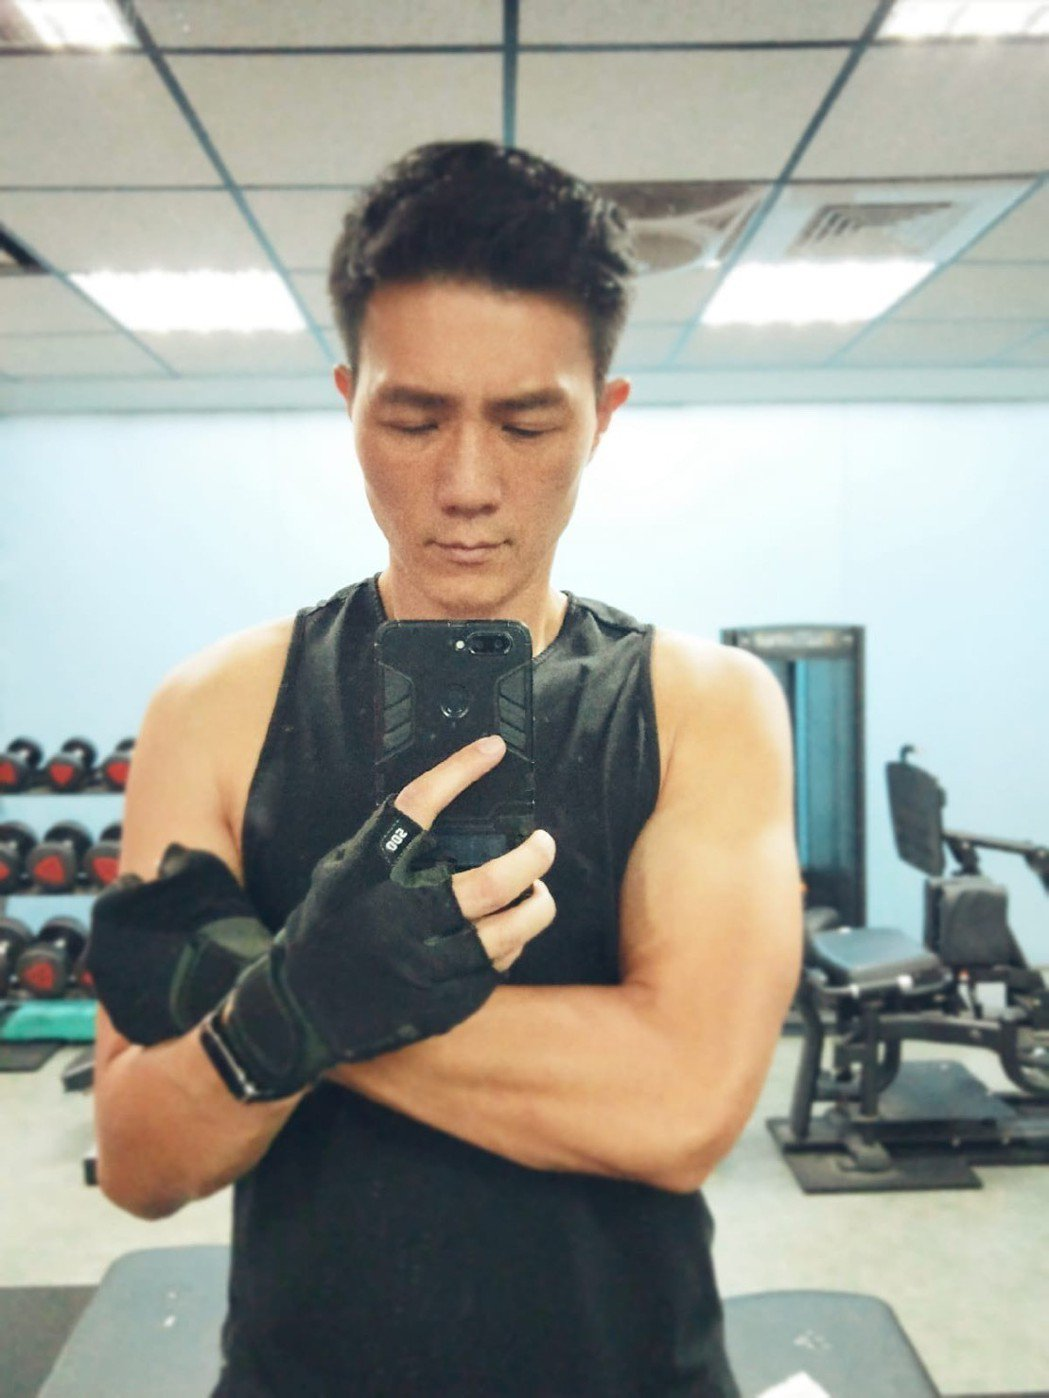 47歲的蔣偉文偶爾做重量訓練,但平時是在家裡用伏地挺身健身。圖/蔣偉文提供